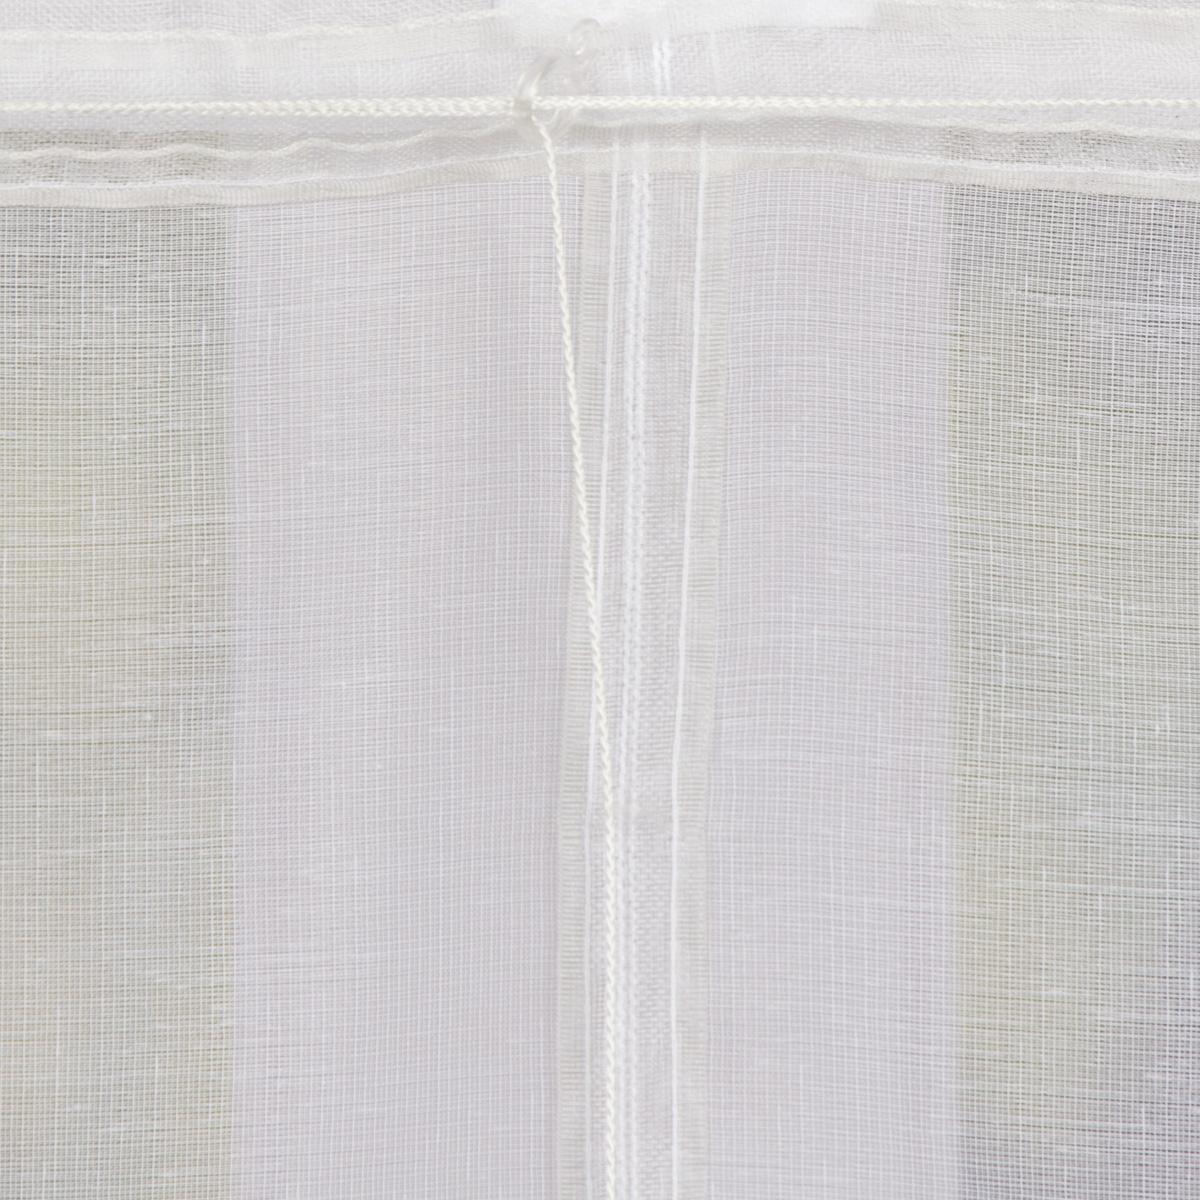 raffrollo rollo schlaufen wei transparent mit streifen 100x140cm inspirationen stilwelten. Black Bedroom Furniture Sets. Home Design Ideas